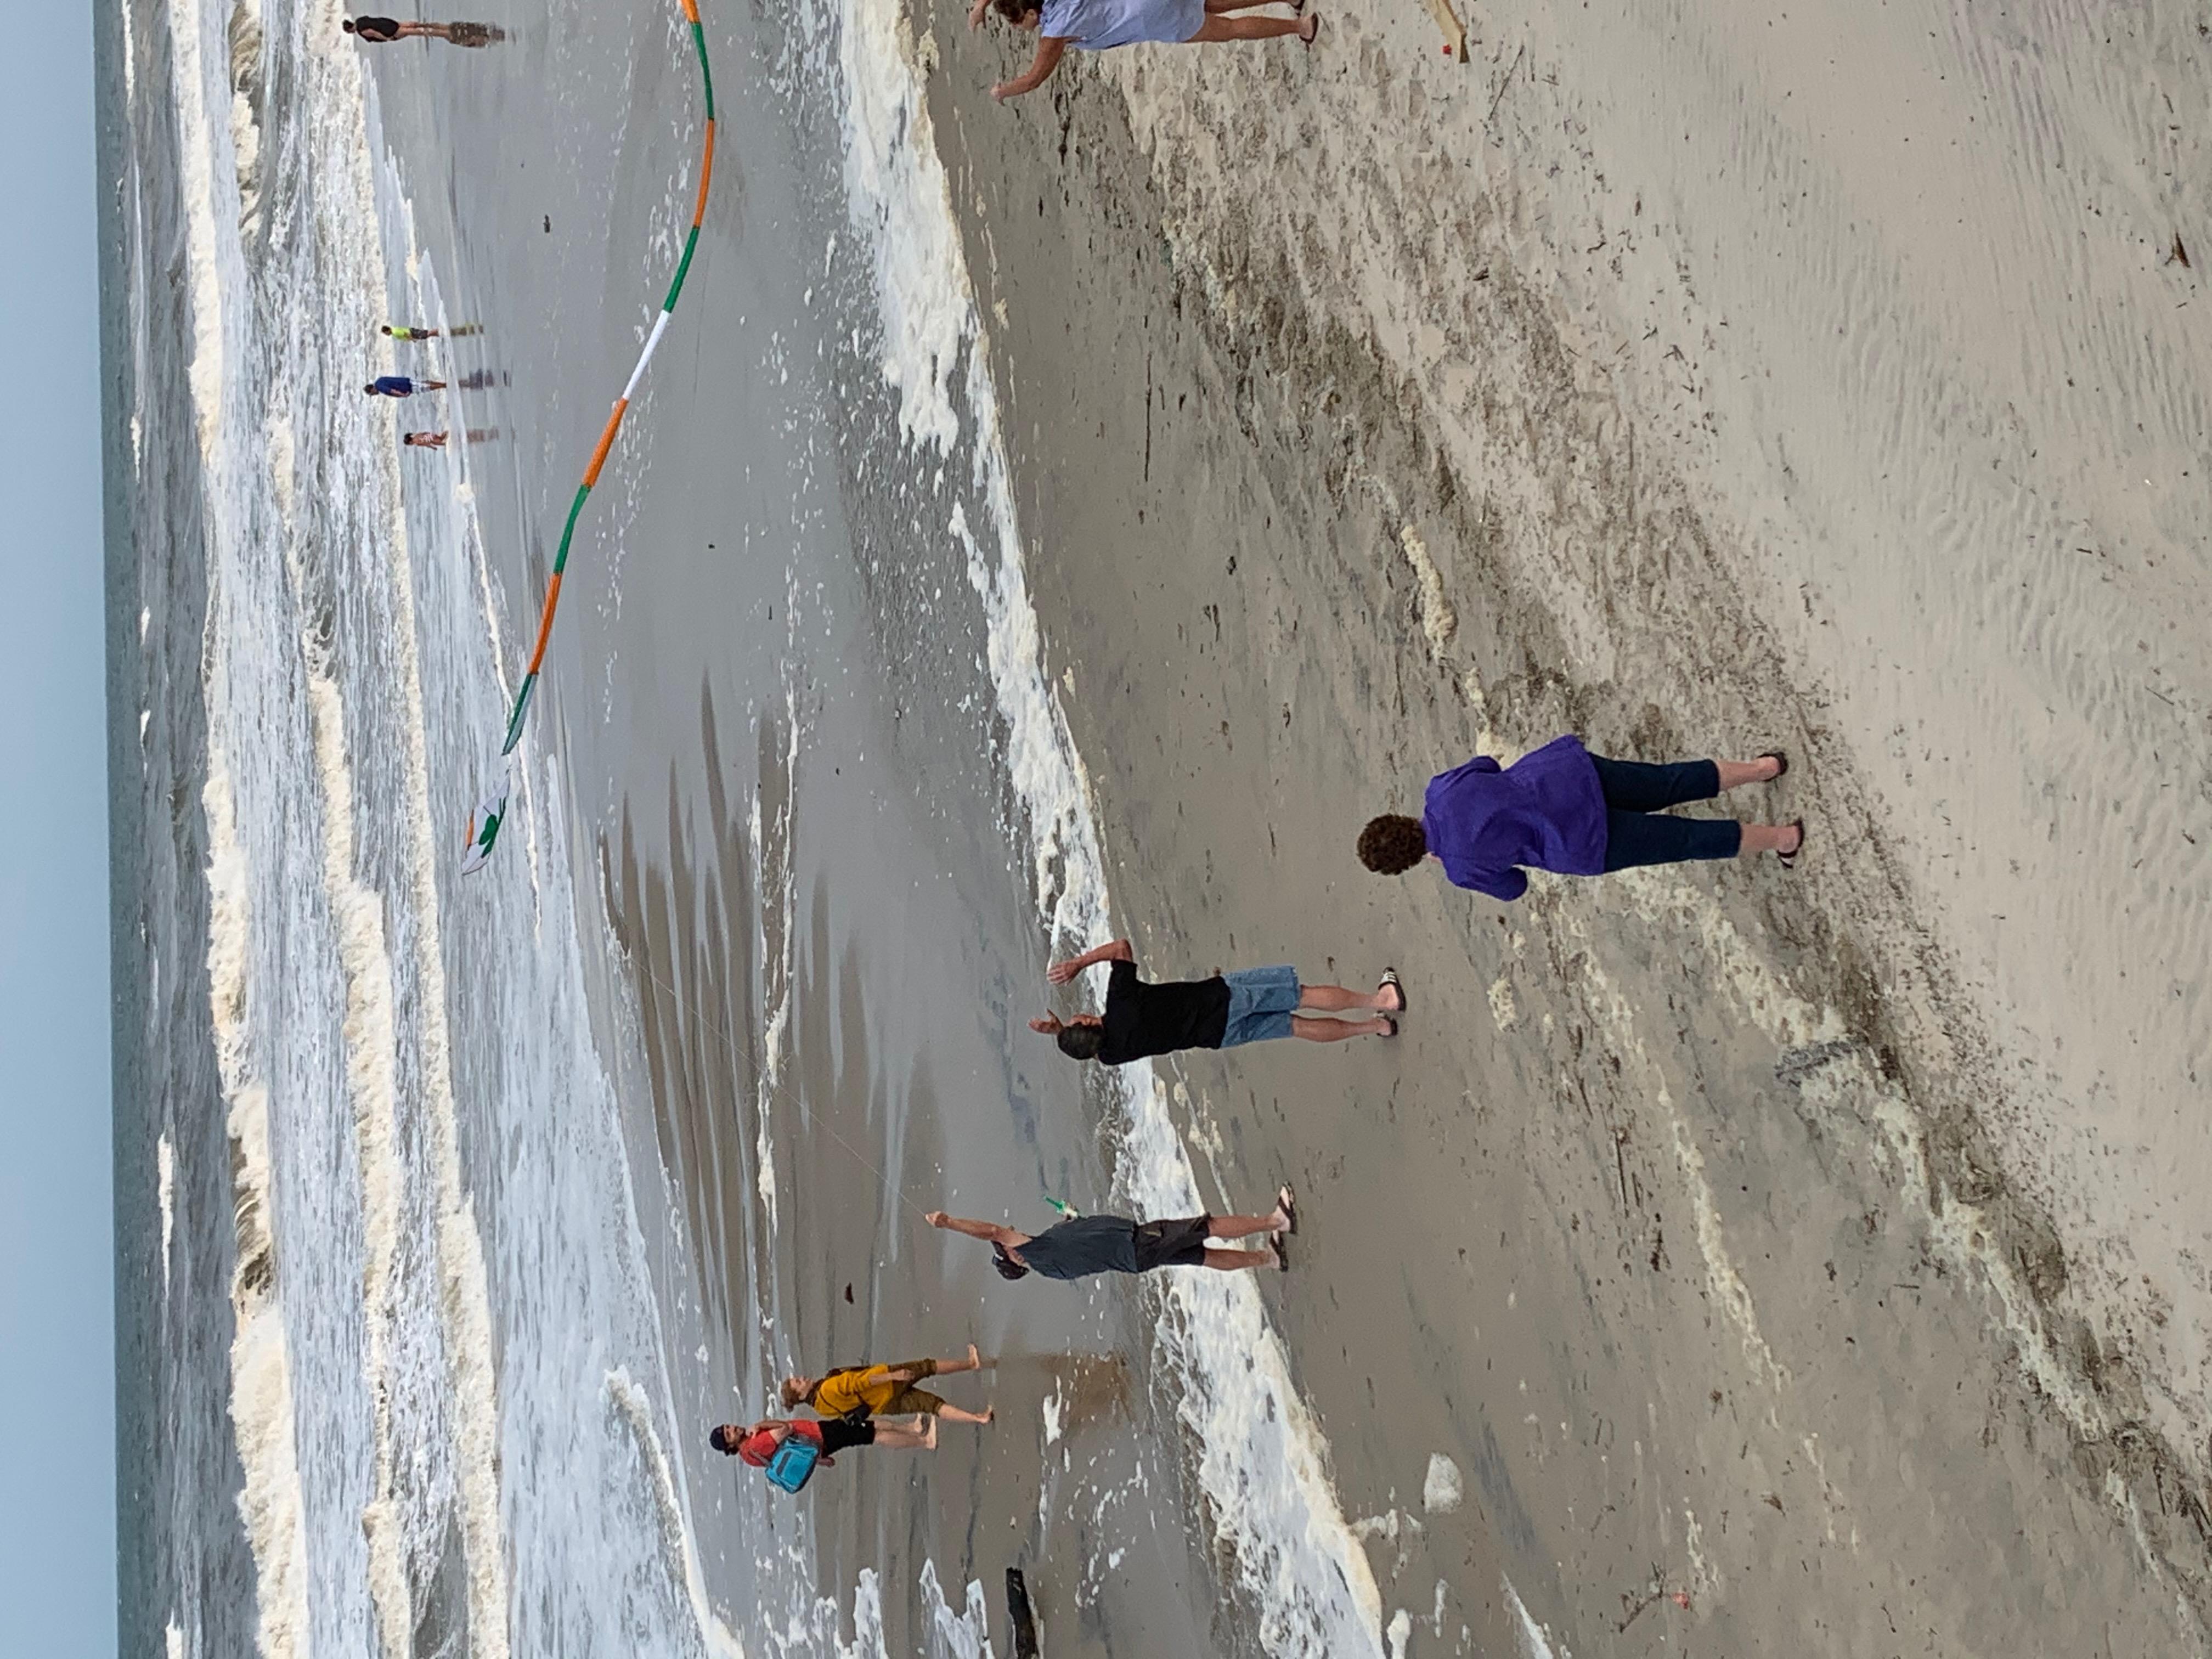 Flyringokite beach4